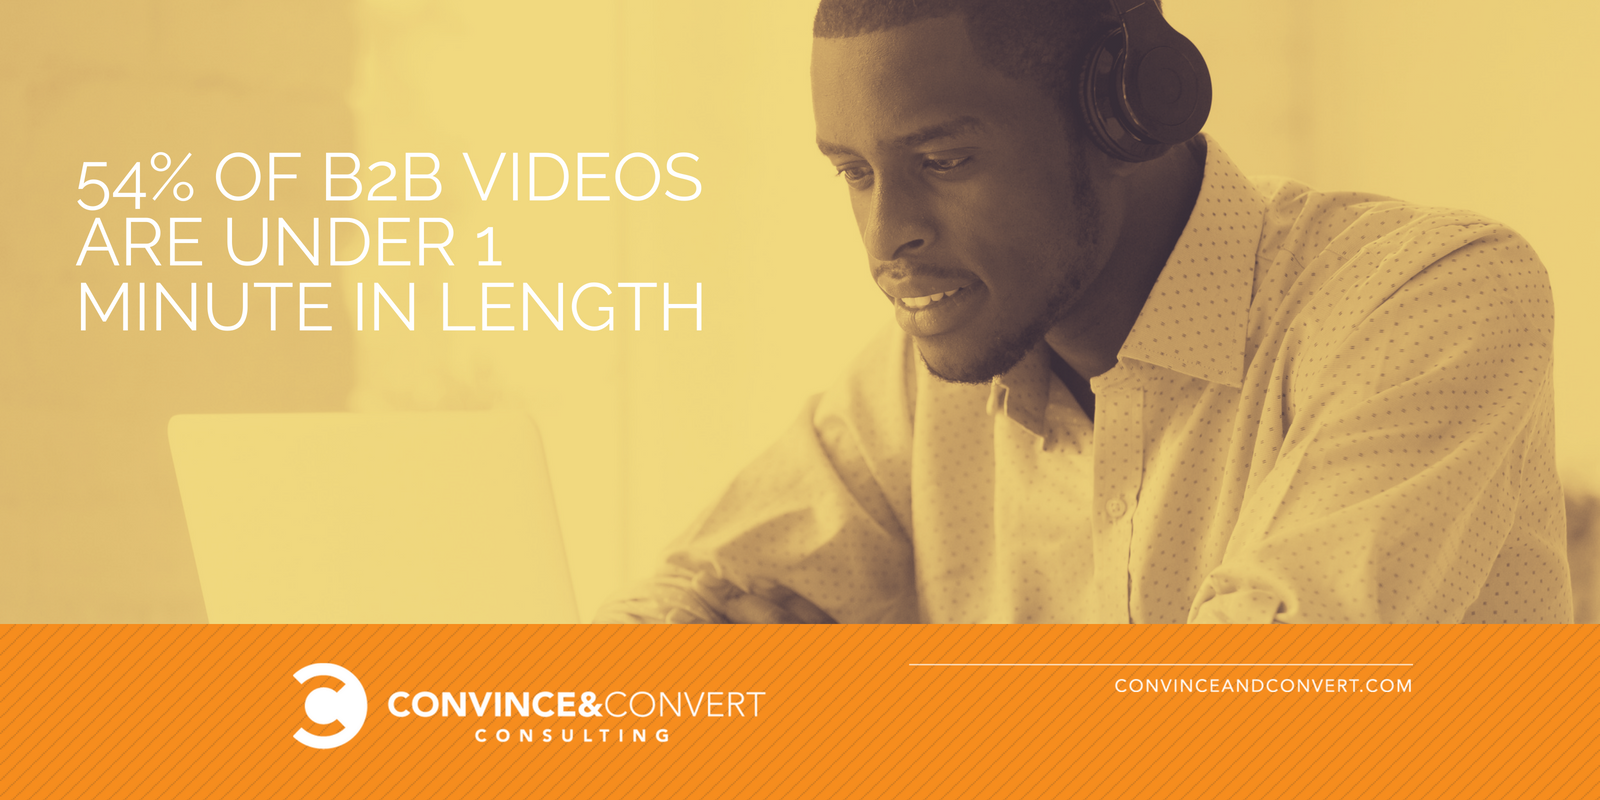 b2b video length